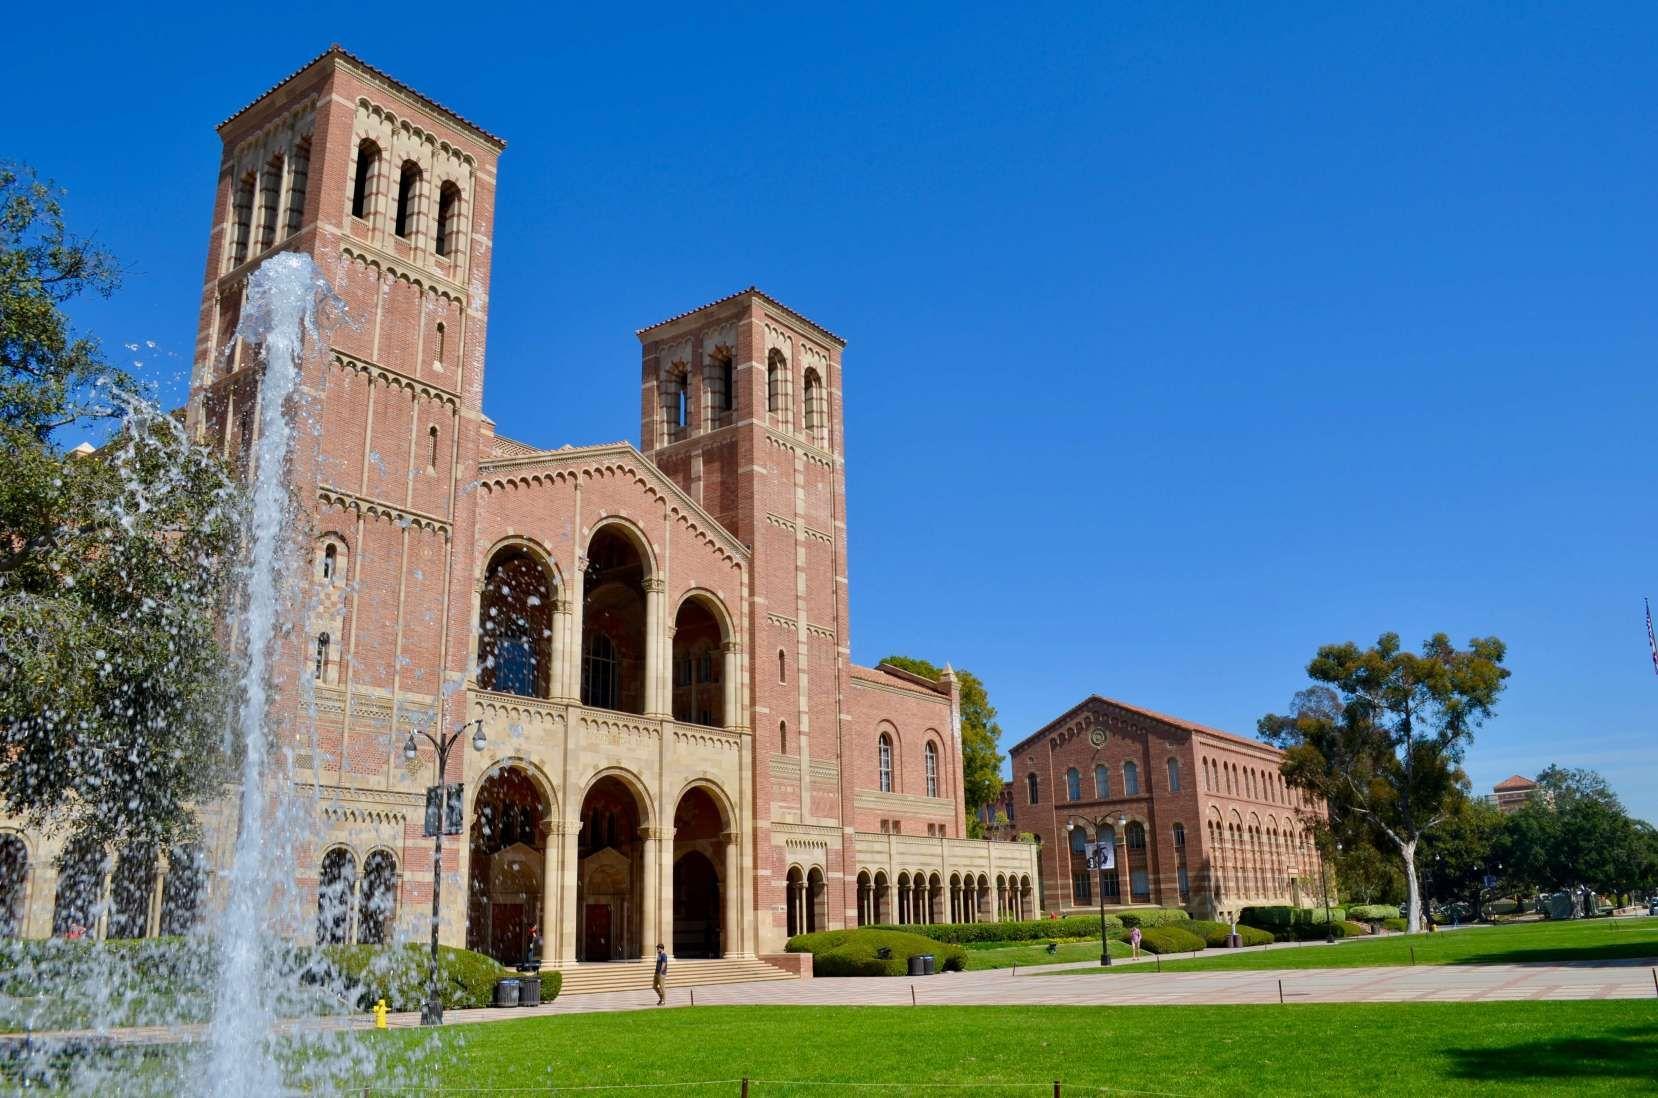 Le Campus De Ucla University Of California Los Angeles Ucla University Los Angeles California Los Angeles